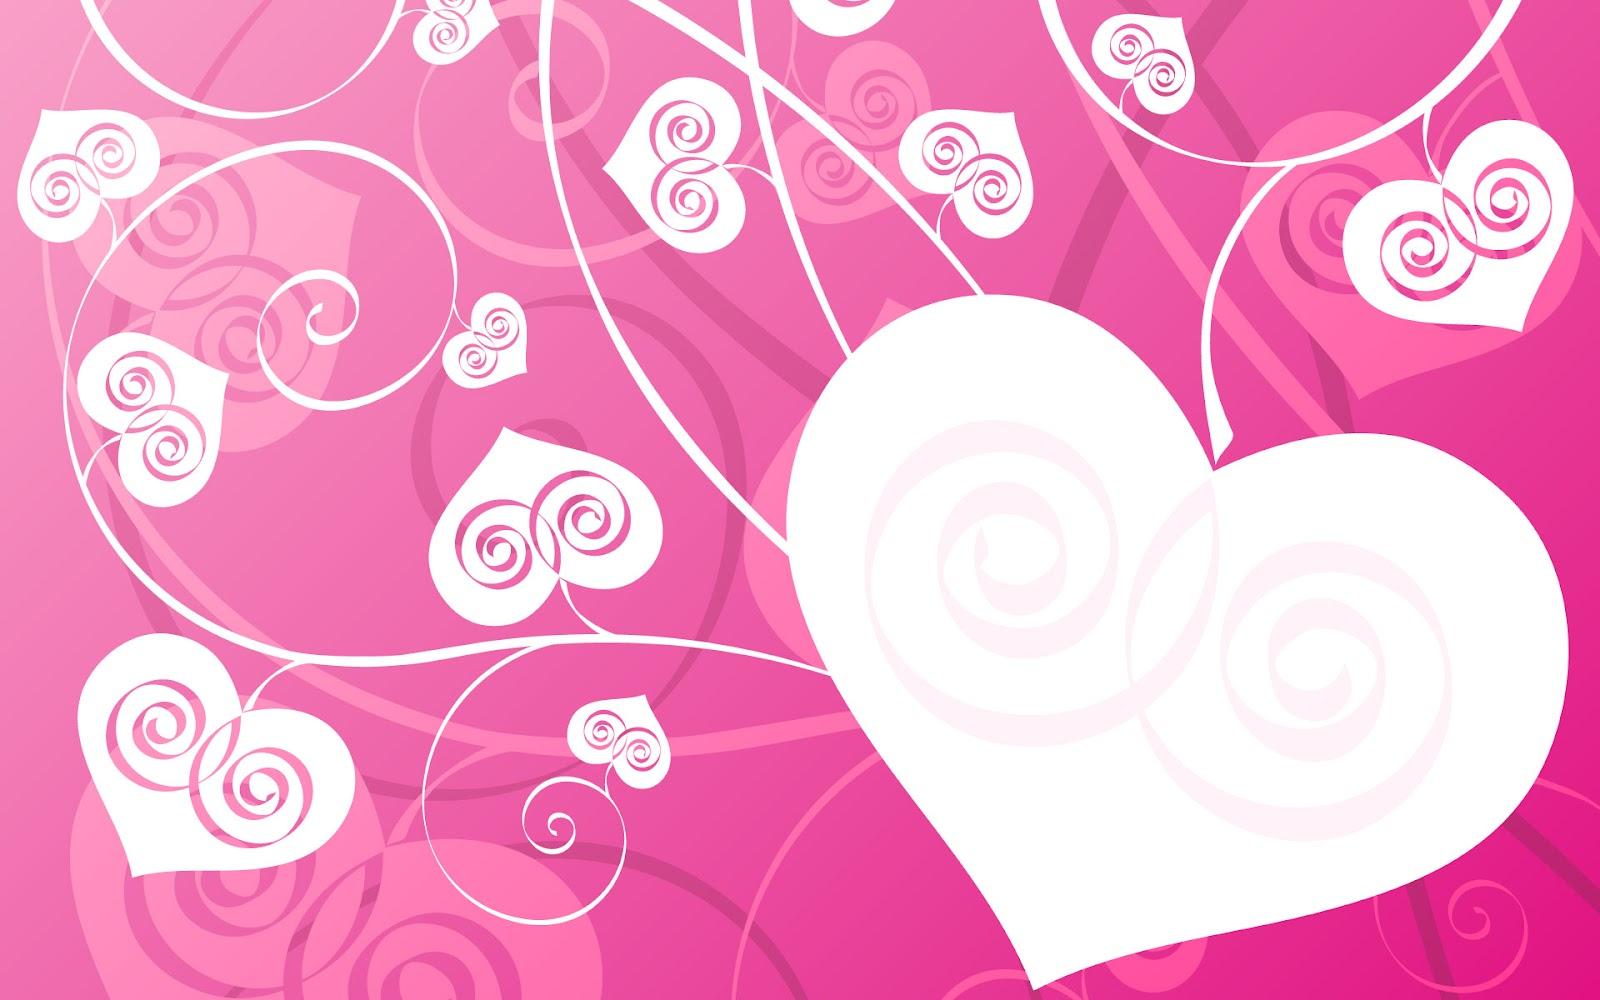 بالصور رسالة حب , التعبير عن حبك واشواقك فى رساله 5421 2